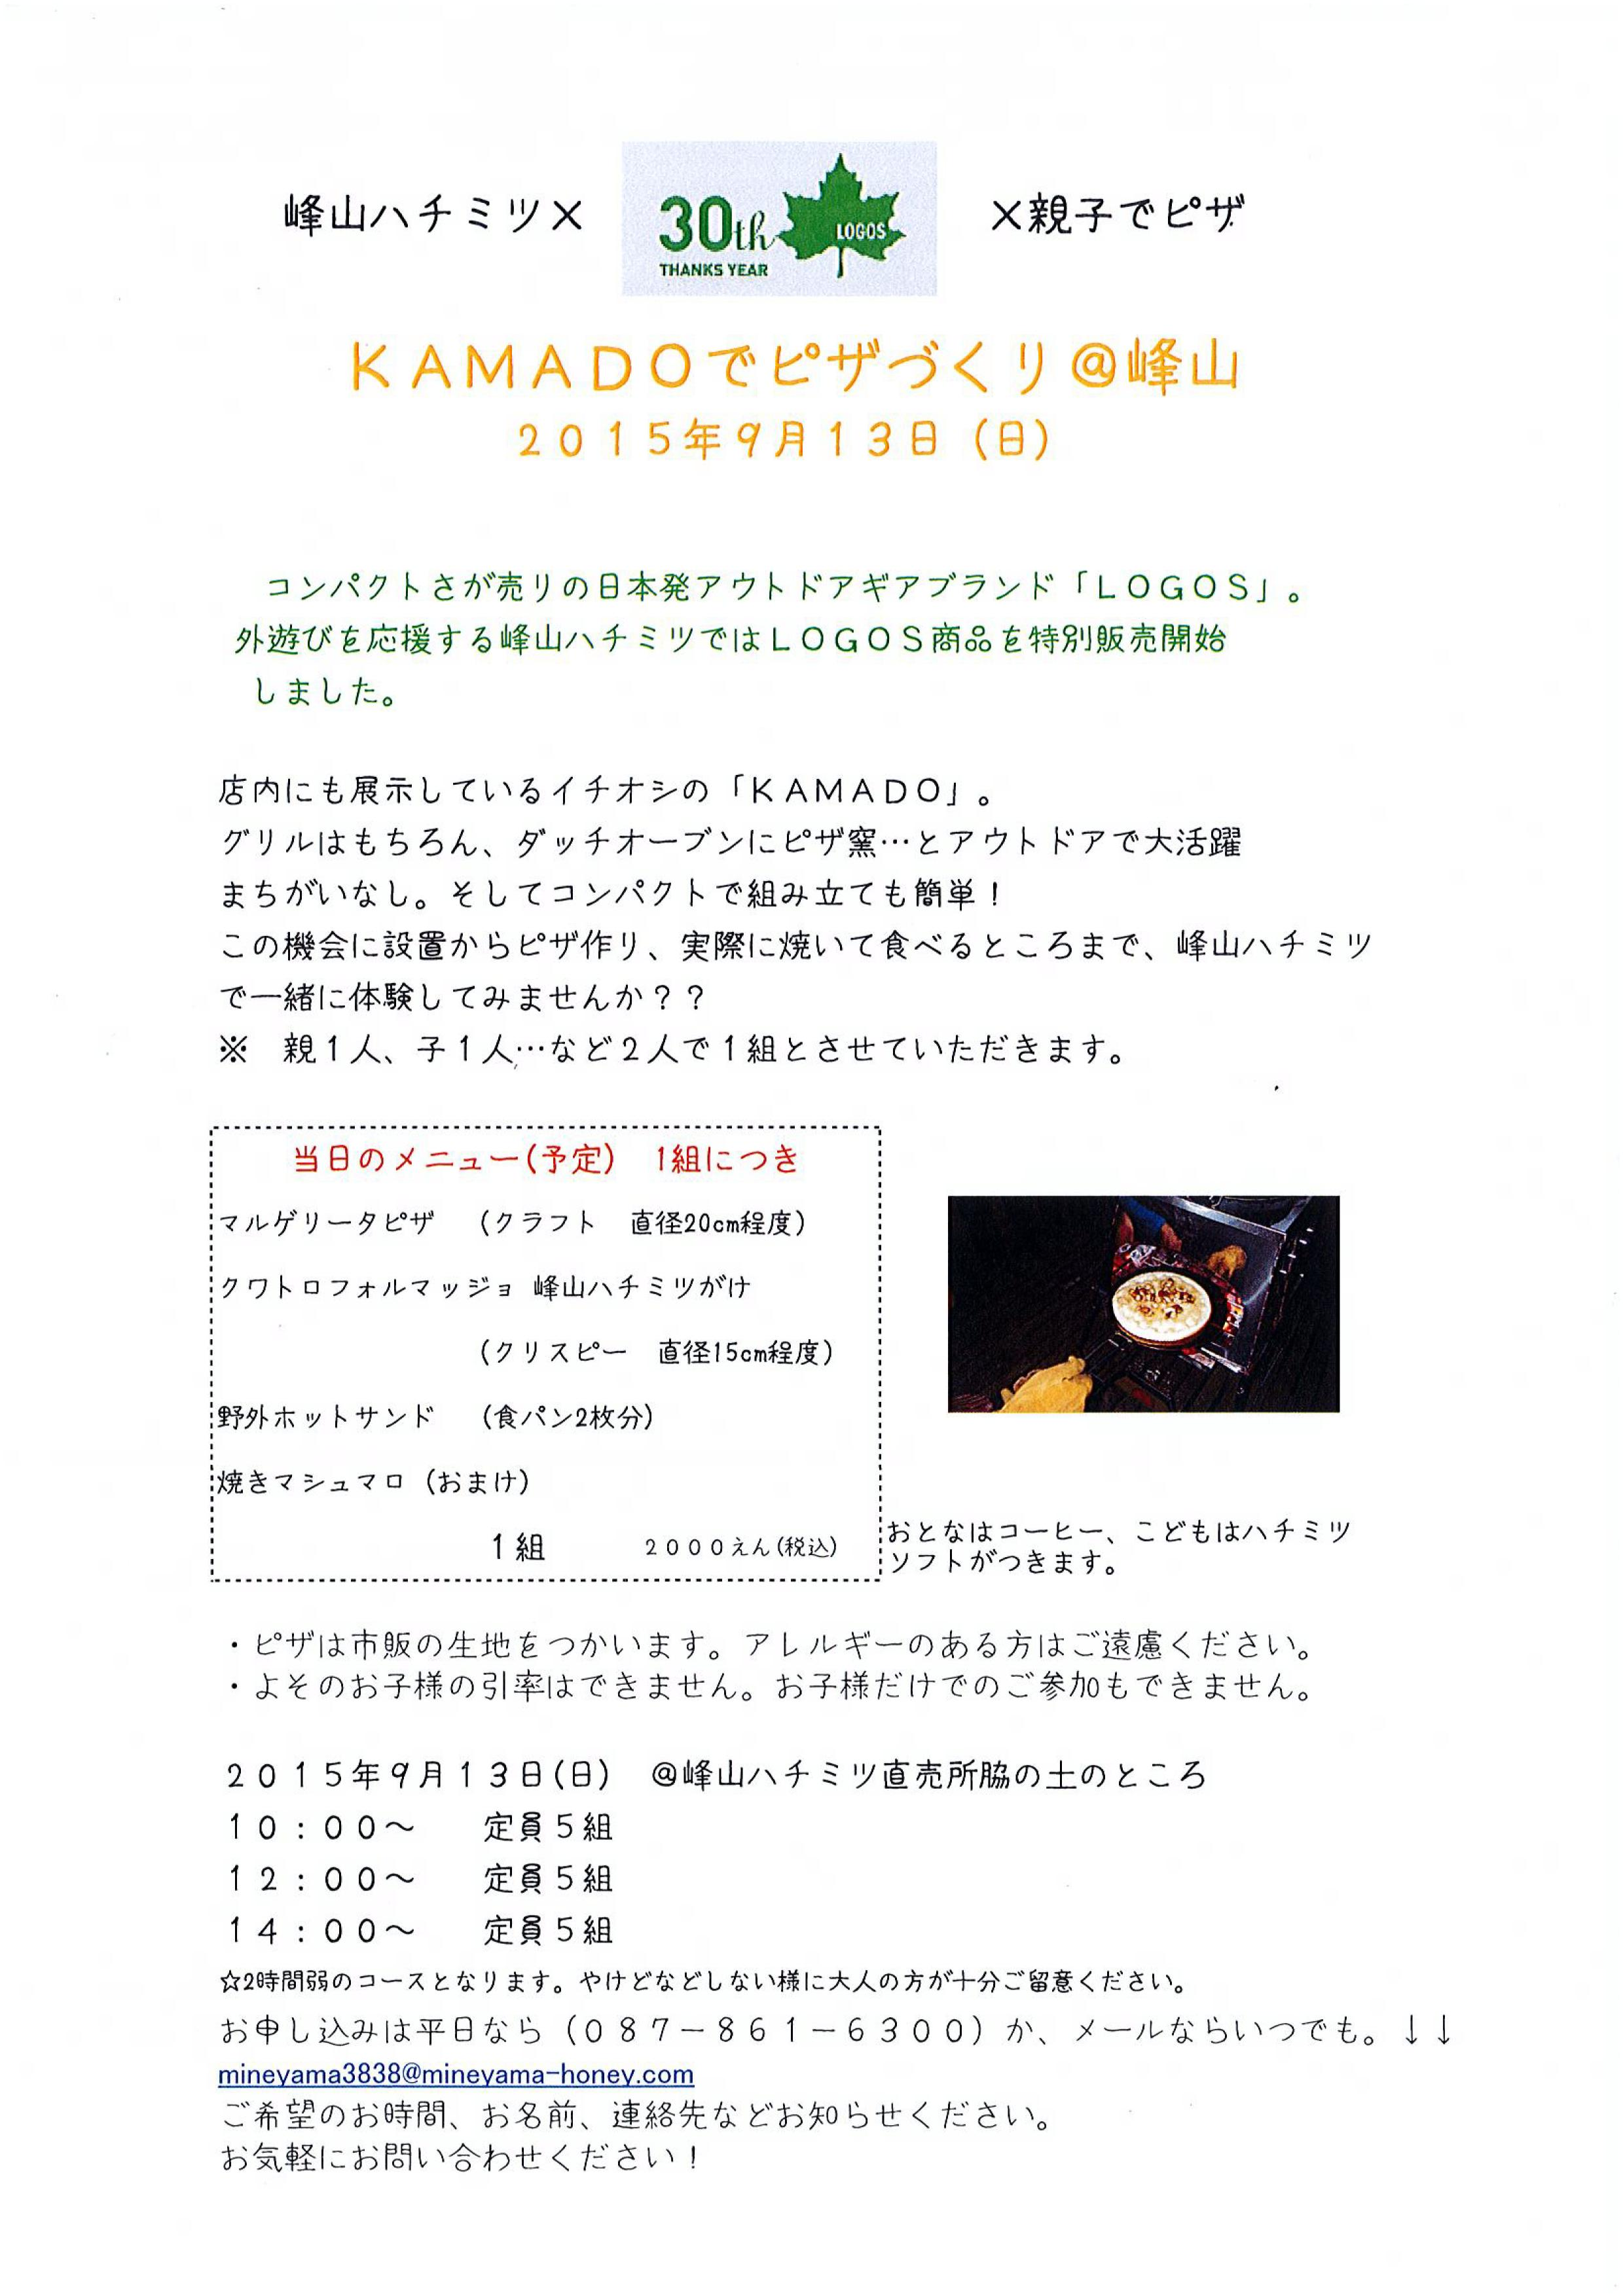 kamadoのJPEG